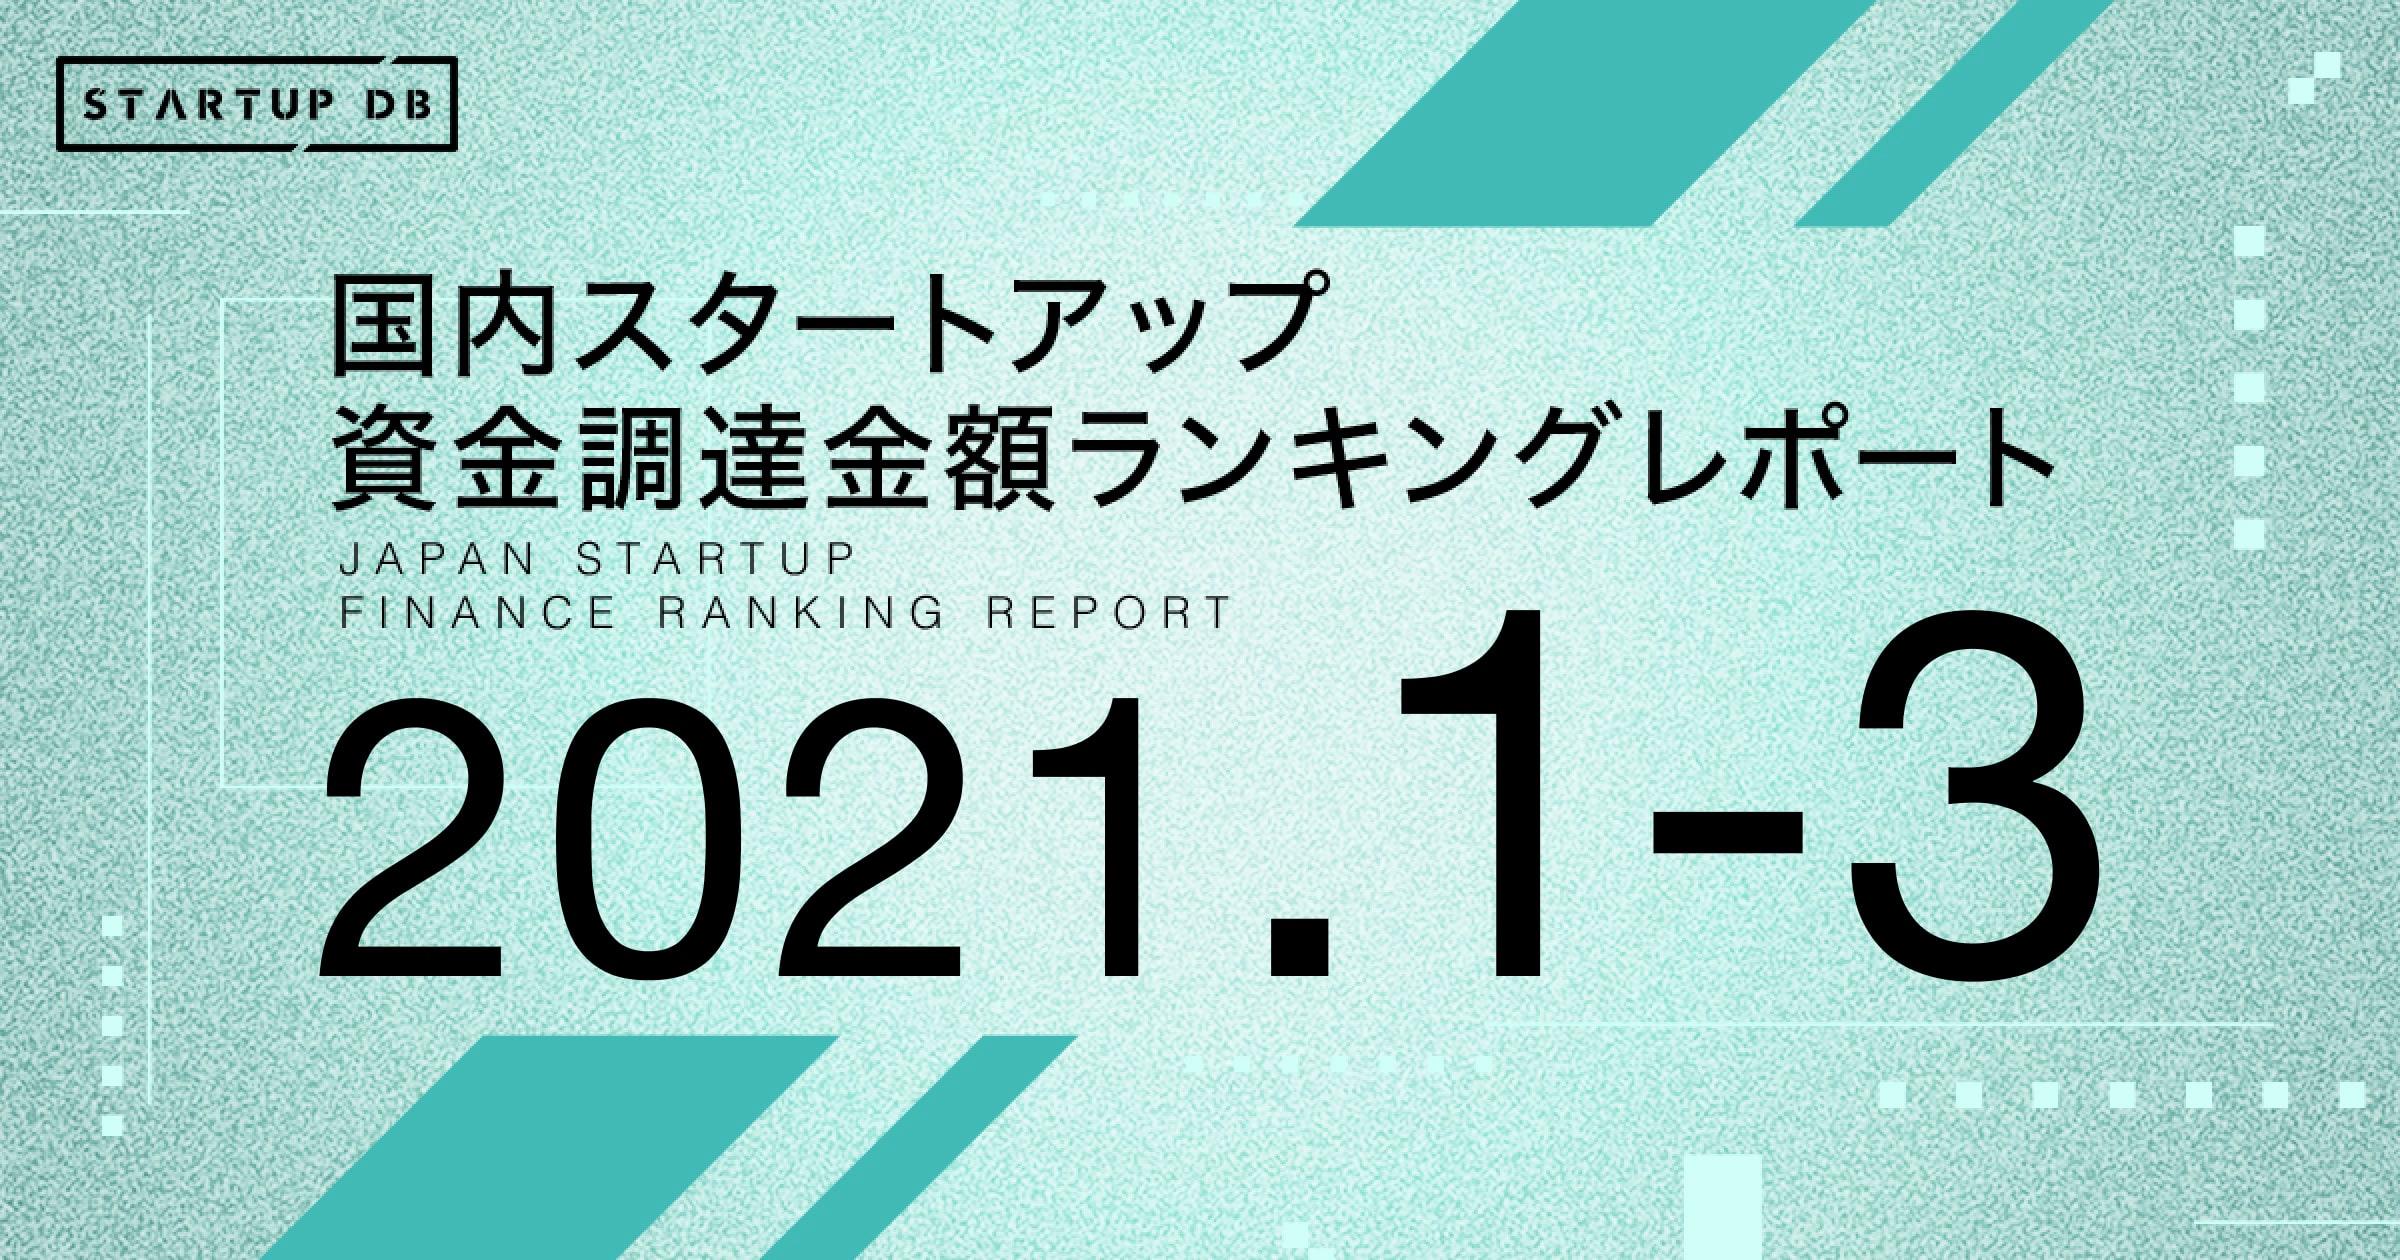 2021年1-3月までの国内スタートアップ資金調達ランキングでは、後払い決済サービス「Paidy」を運営するPaidyが132億円の調達を行い、ランキングトップに躍り出た。また、ディーカレット、WealthPark、Kyulux、インフキュリオン、ノイルイミューン・バイオテック、CureApp、日本共創プラットフォーム、GITAI Japan、クオリプス、CAMPFIREが10億円を超える資金調達を新たに実施し、新規ランクイン企業は11社となった。